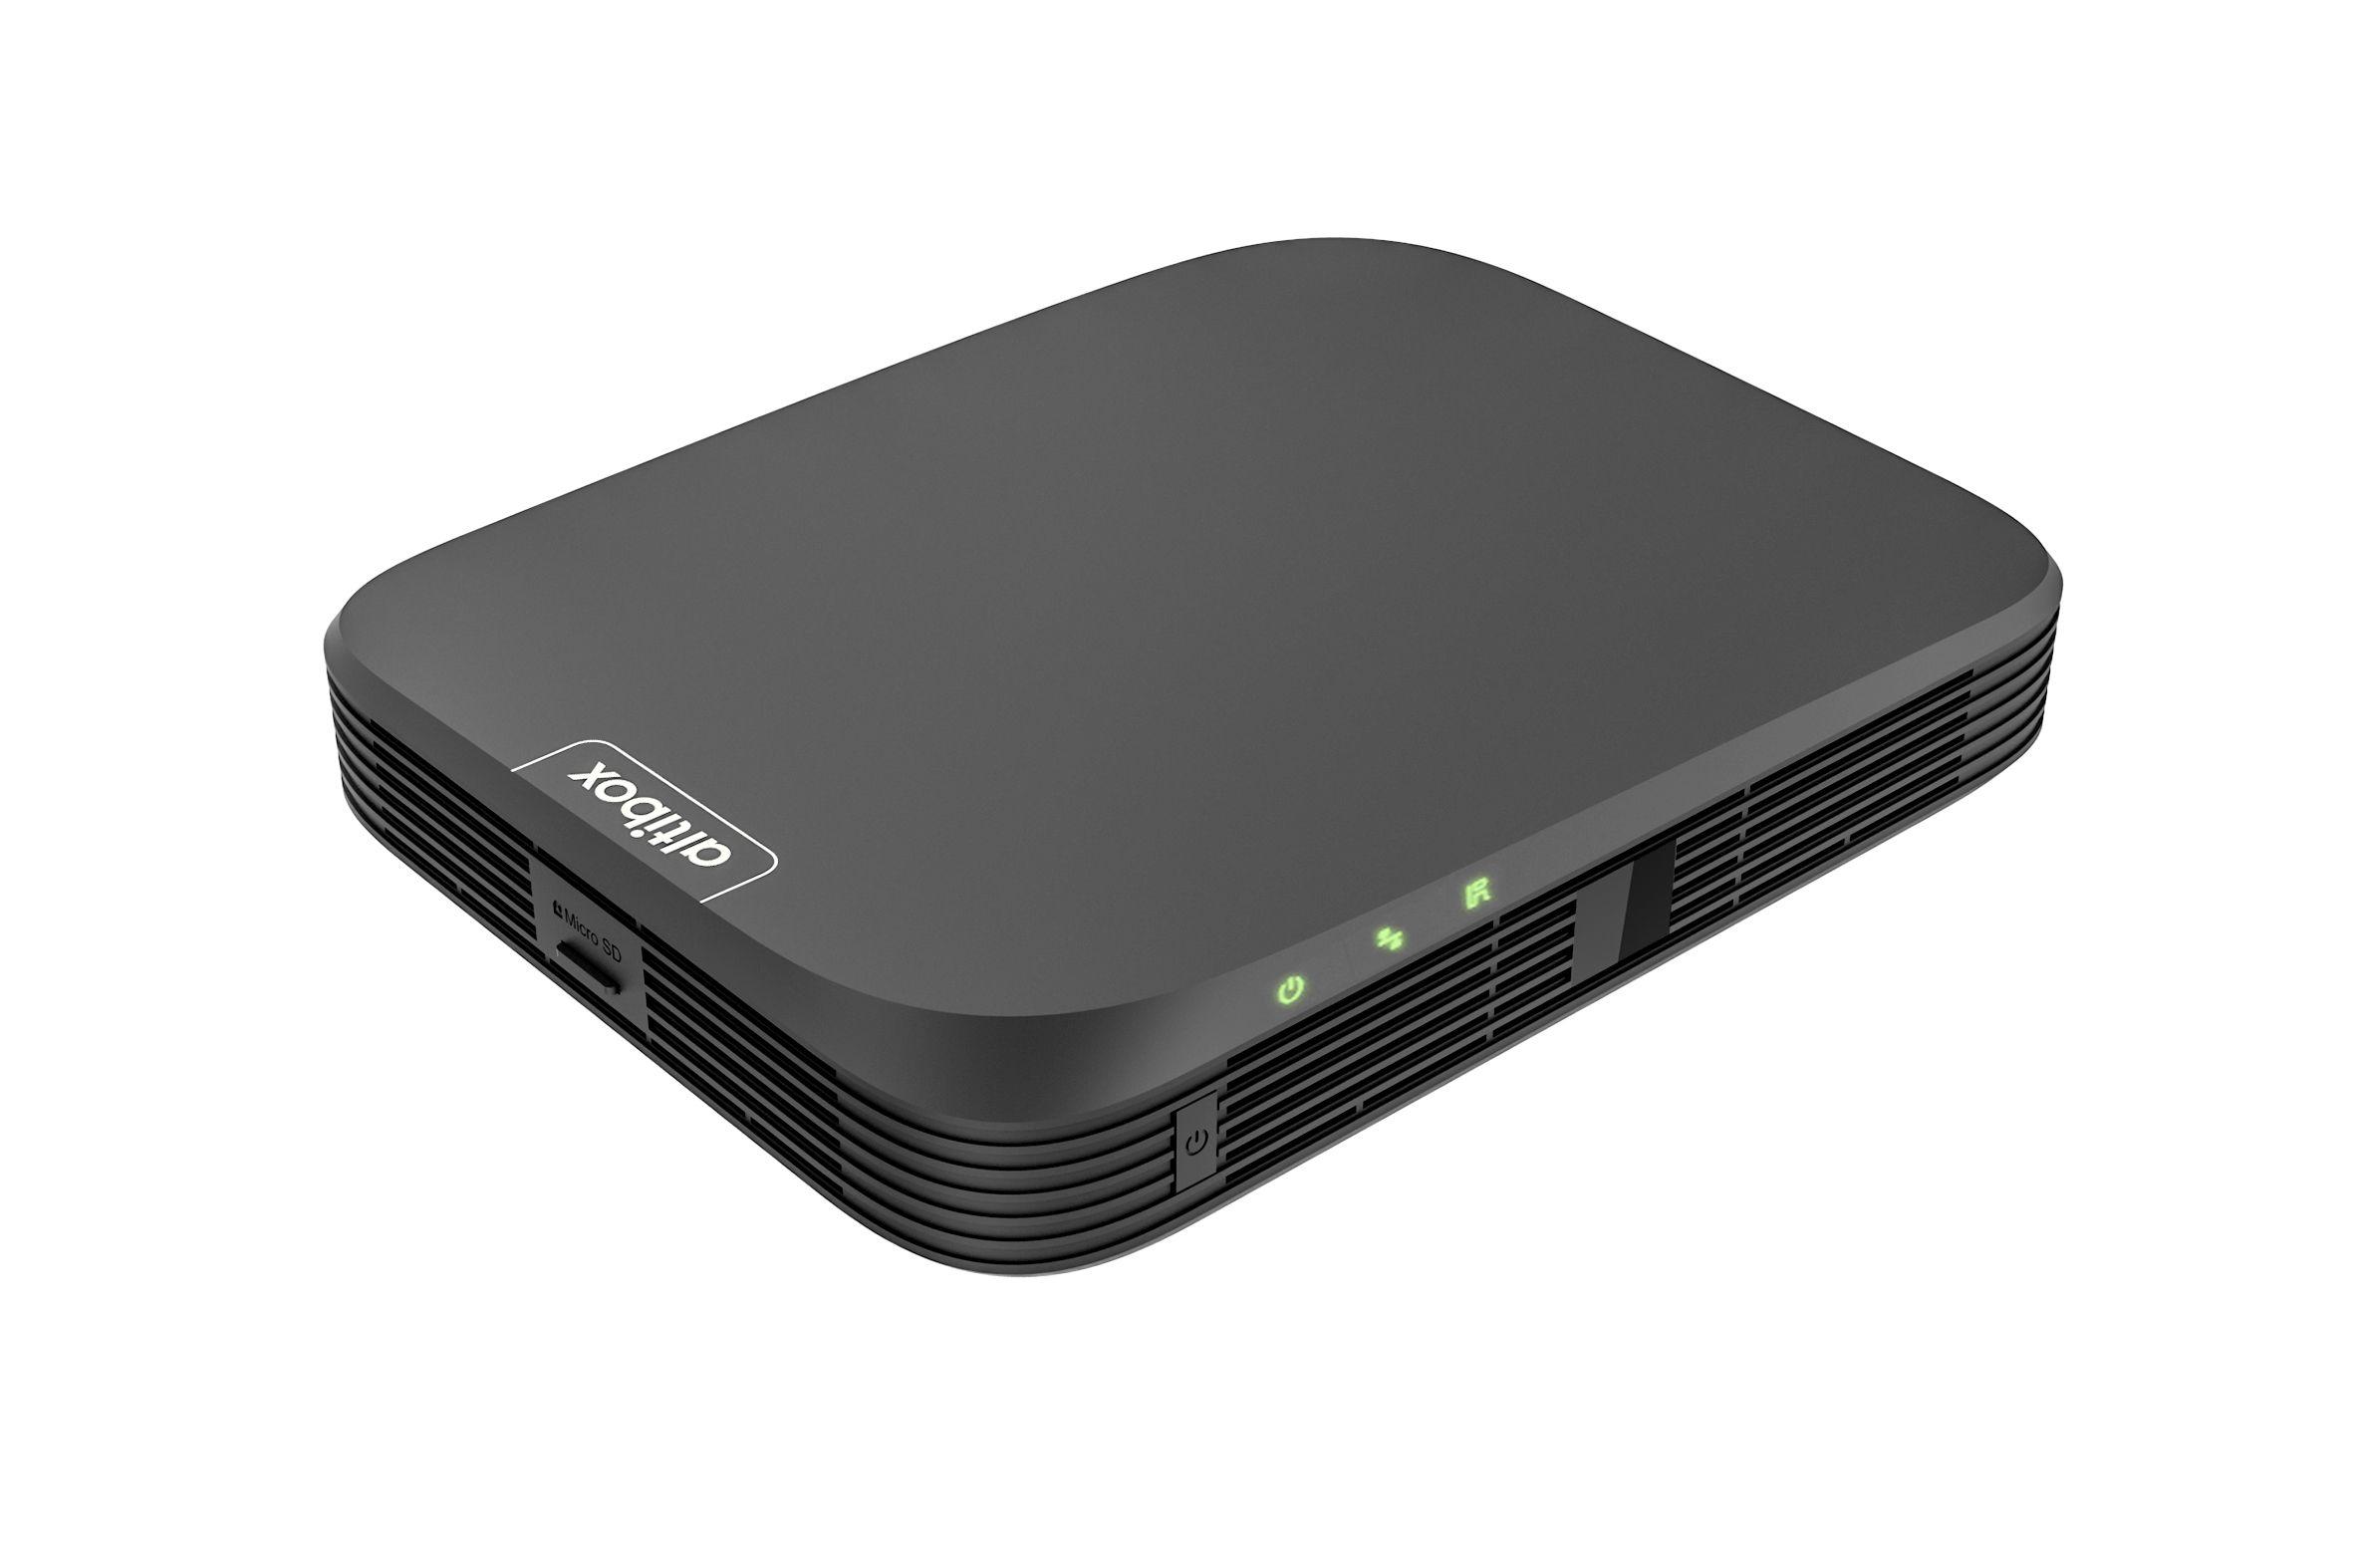 Altibox nye TV-dekoder er egentlig en enkel zapperboks med stor datakraft. Den nye funksjonaliteten ligger i nettet.